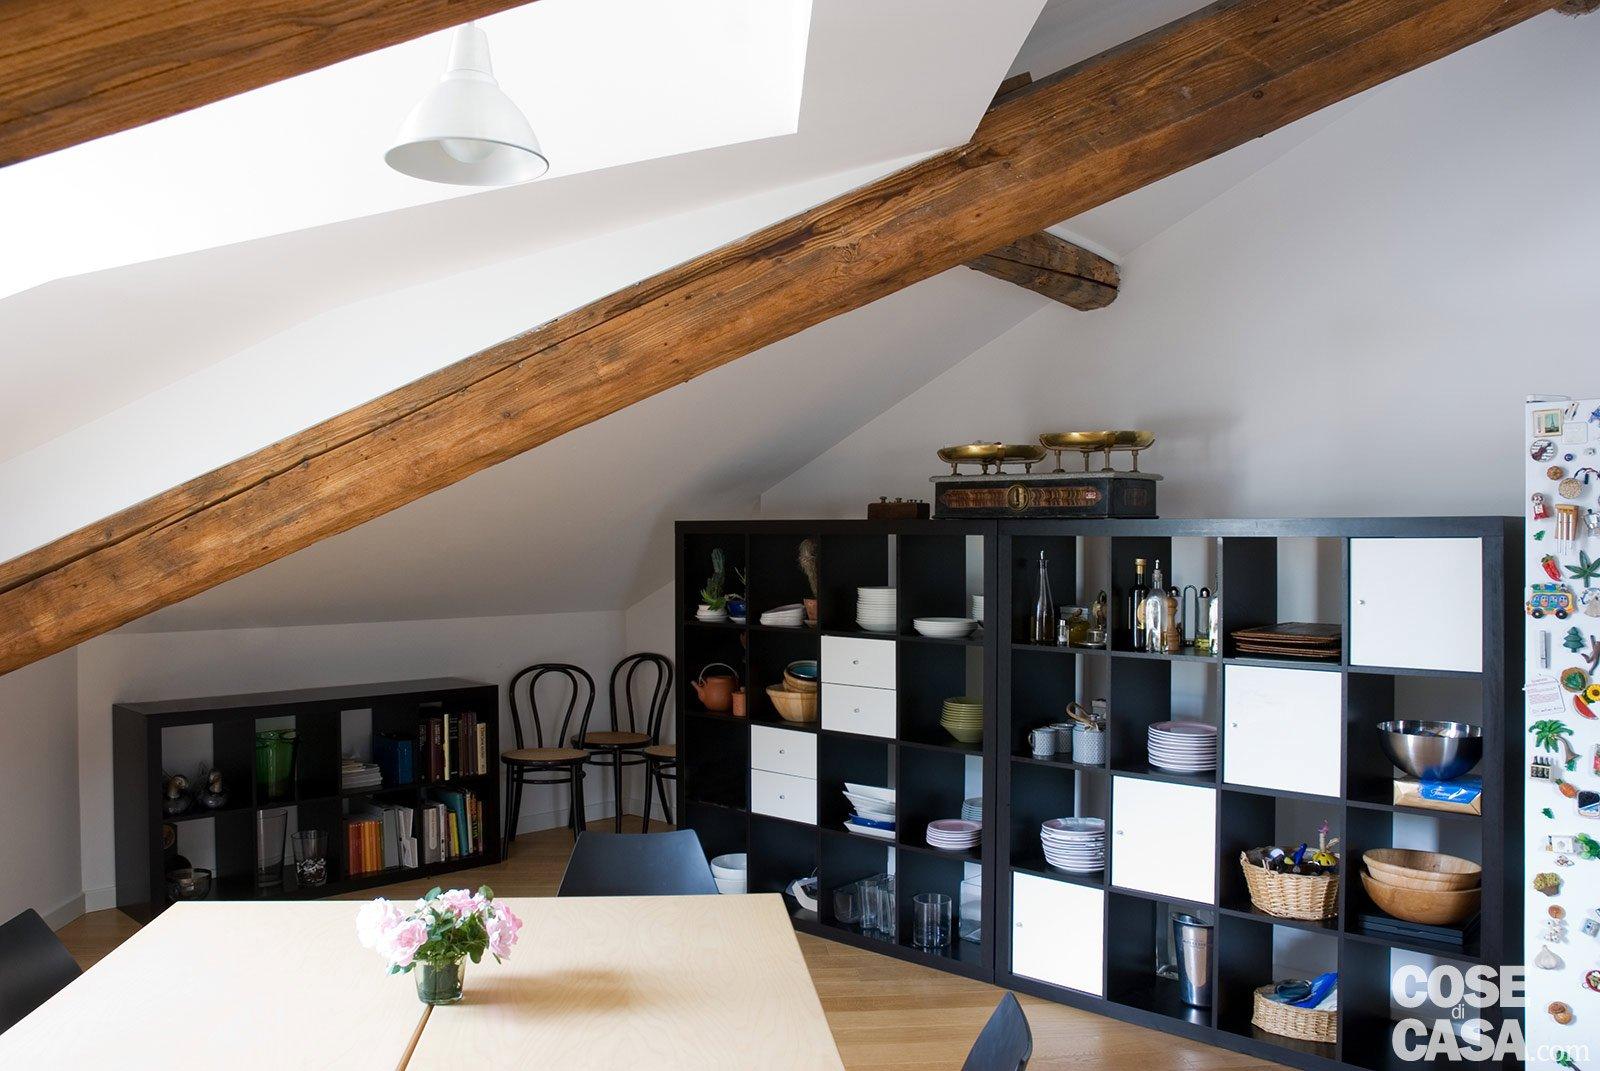 Sottotetto una casa con travi a vista cose di casa for Arredare casa con travi a vista